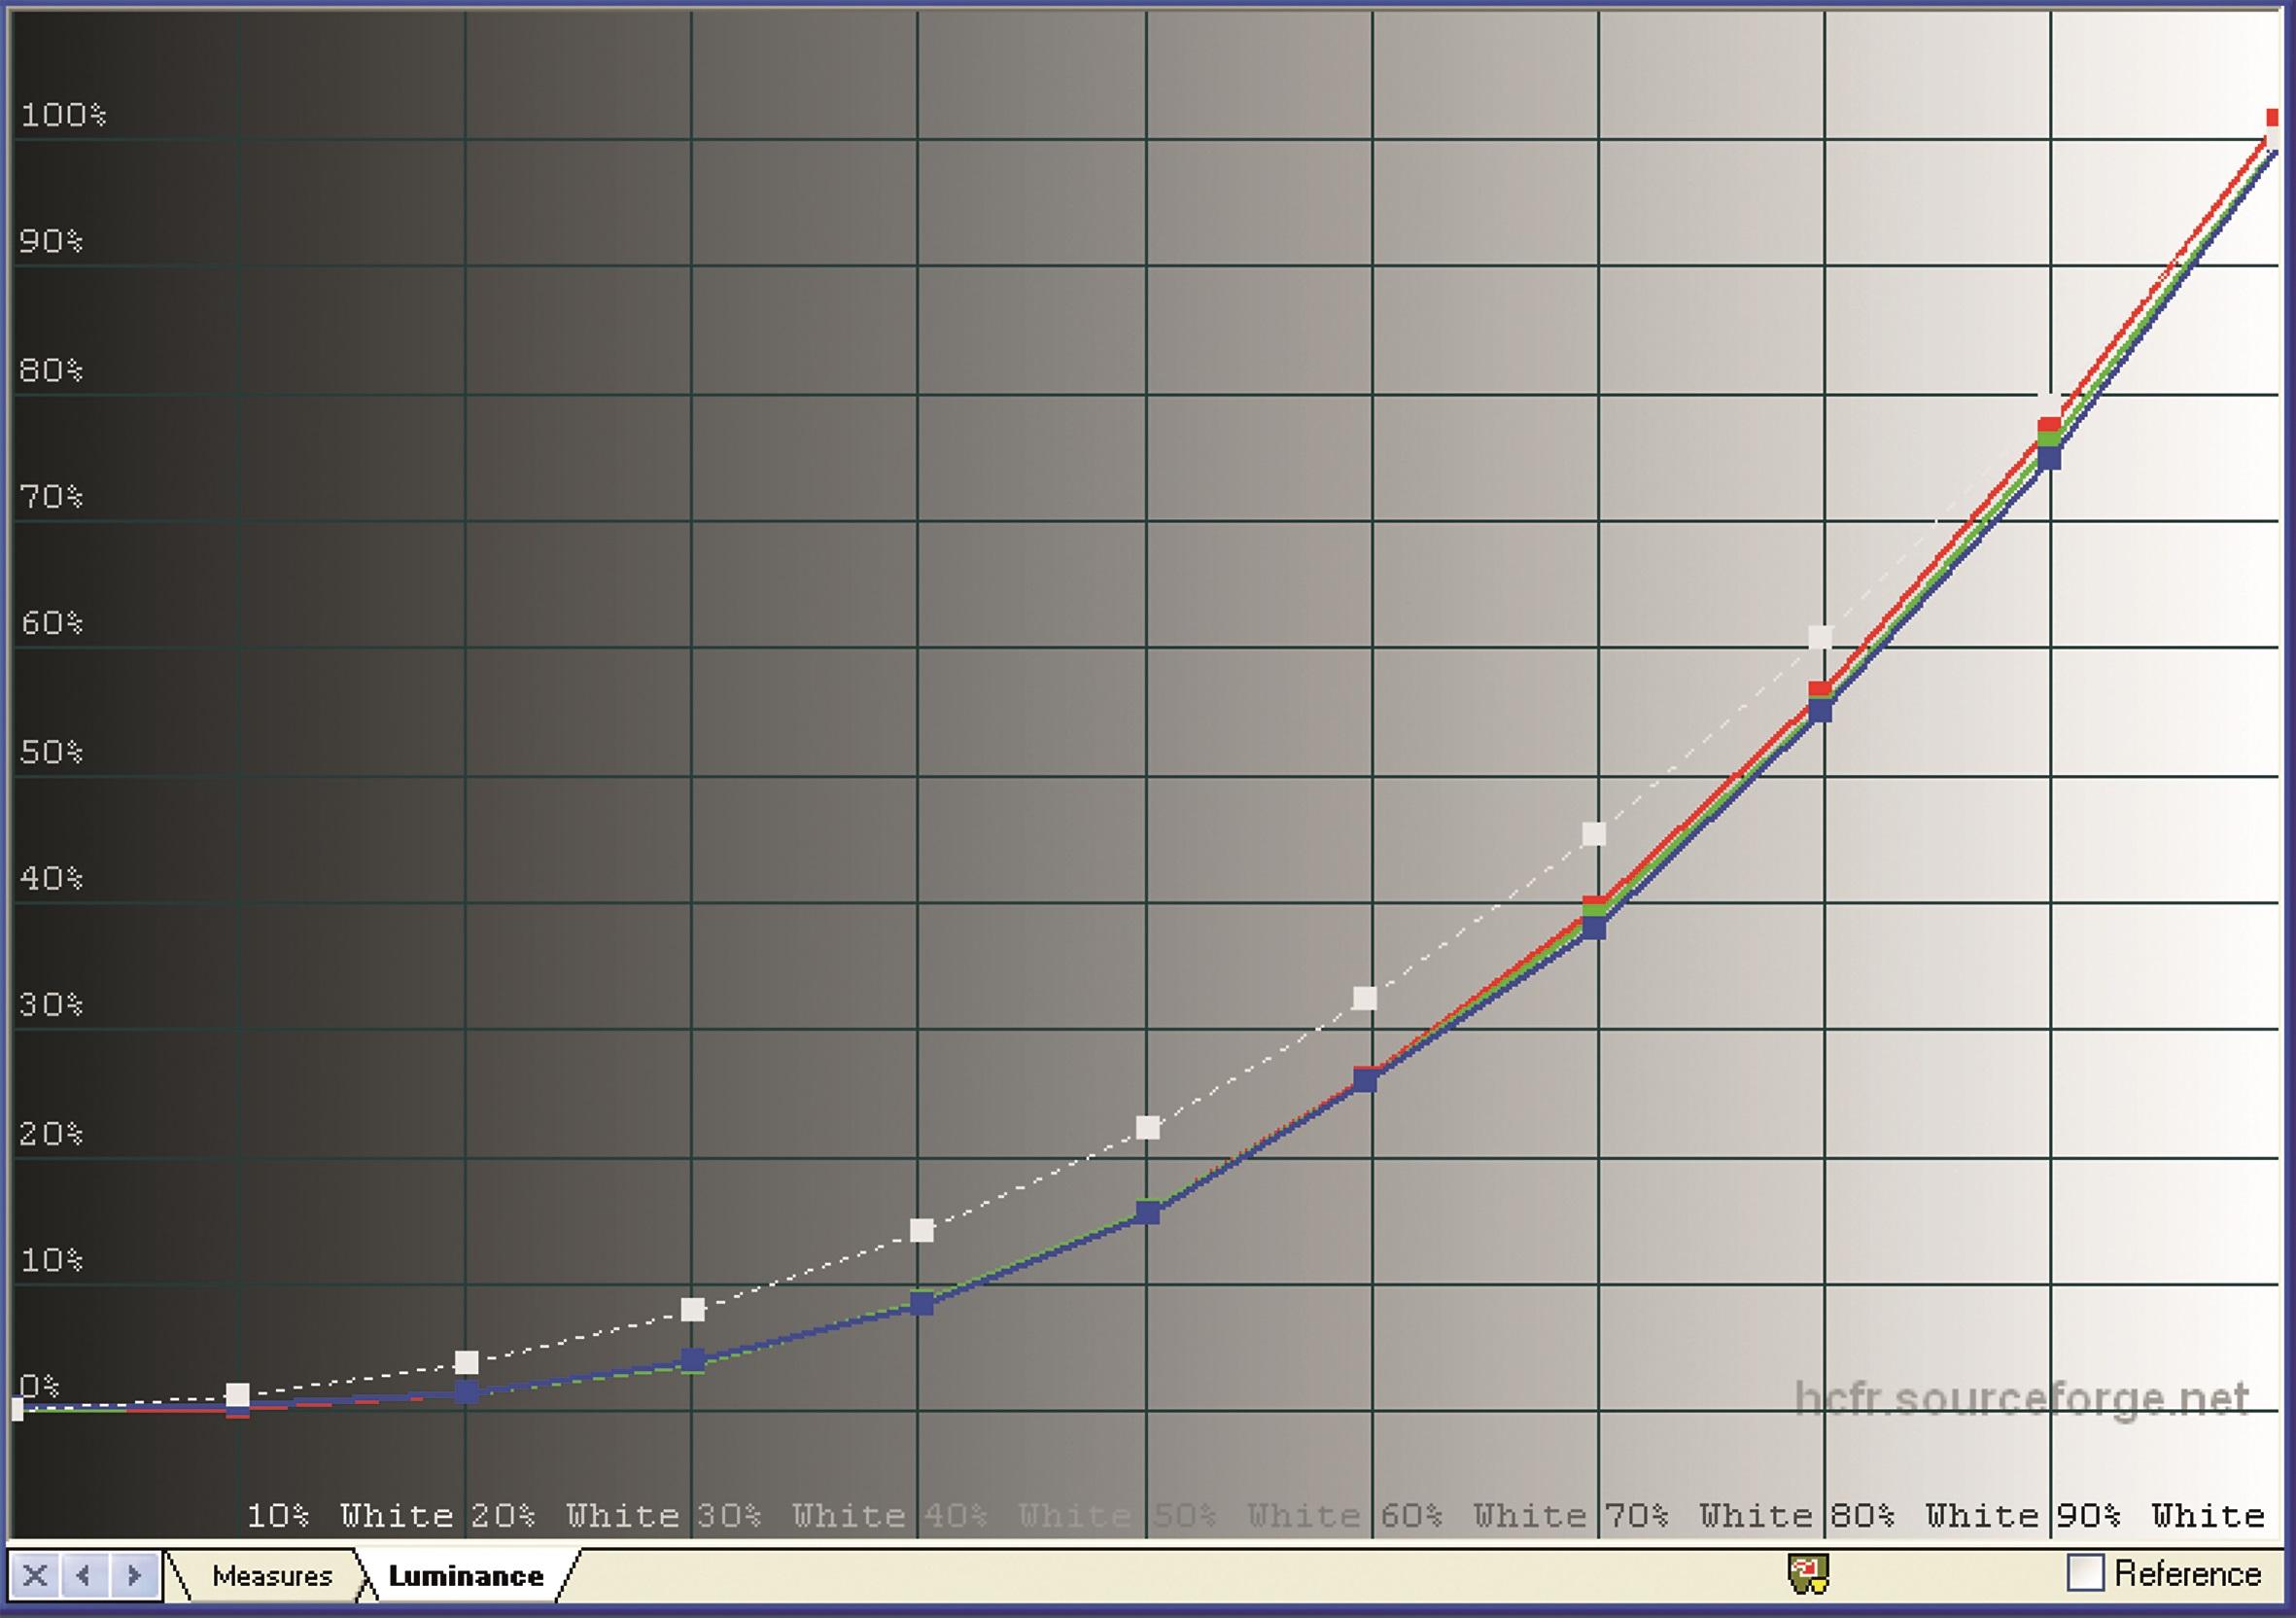 Das Gamma entspricht nicht ganz der Norm, aber die Graukurve ist recht farbneutral.